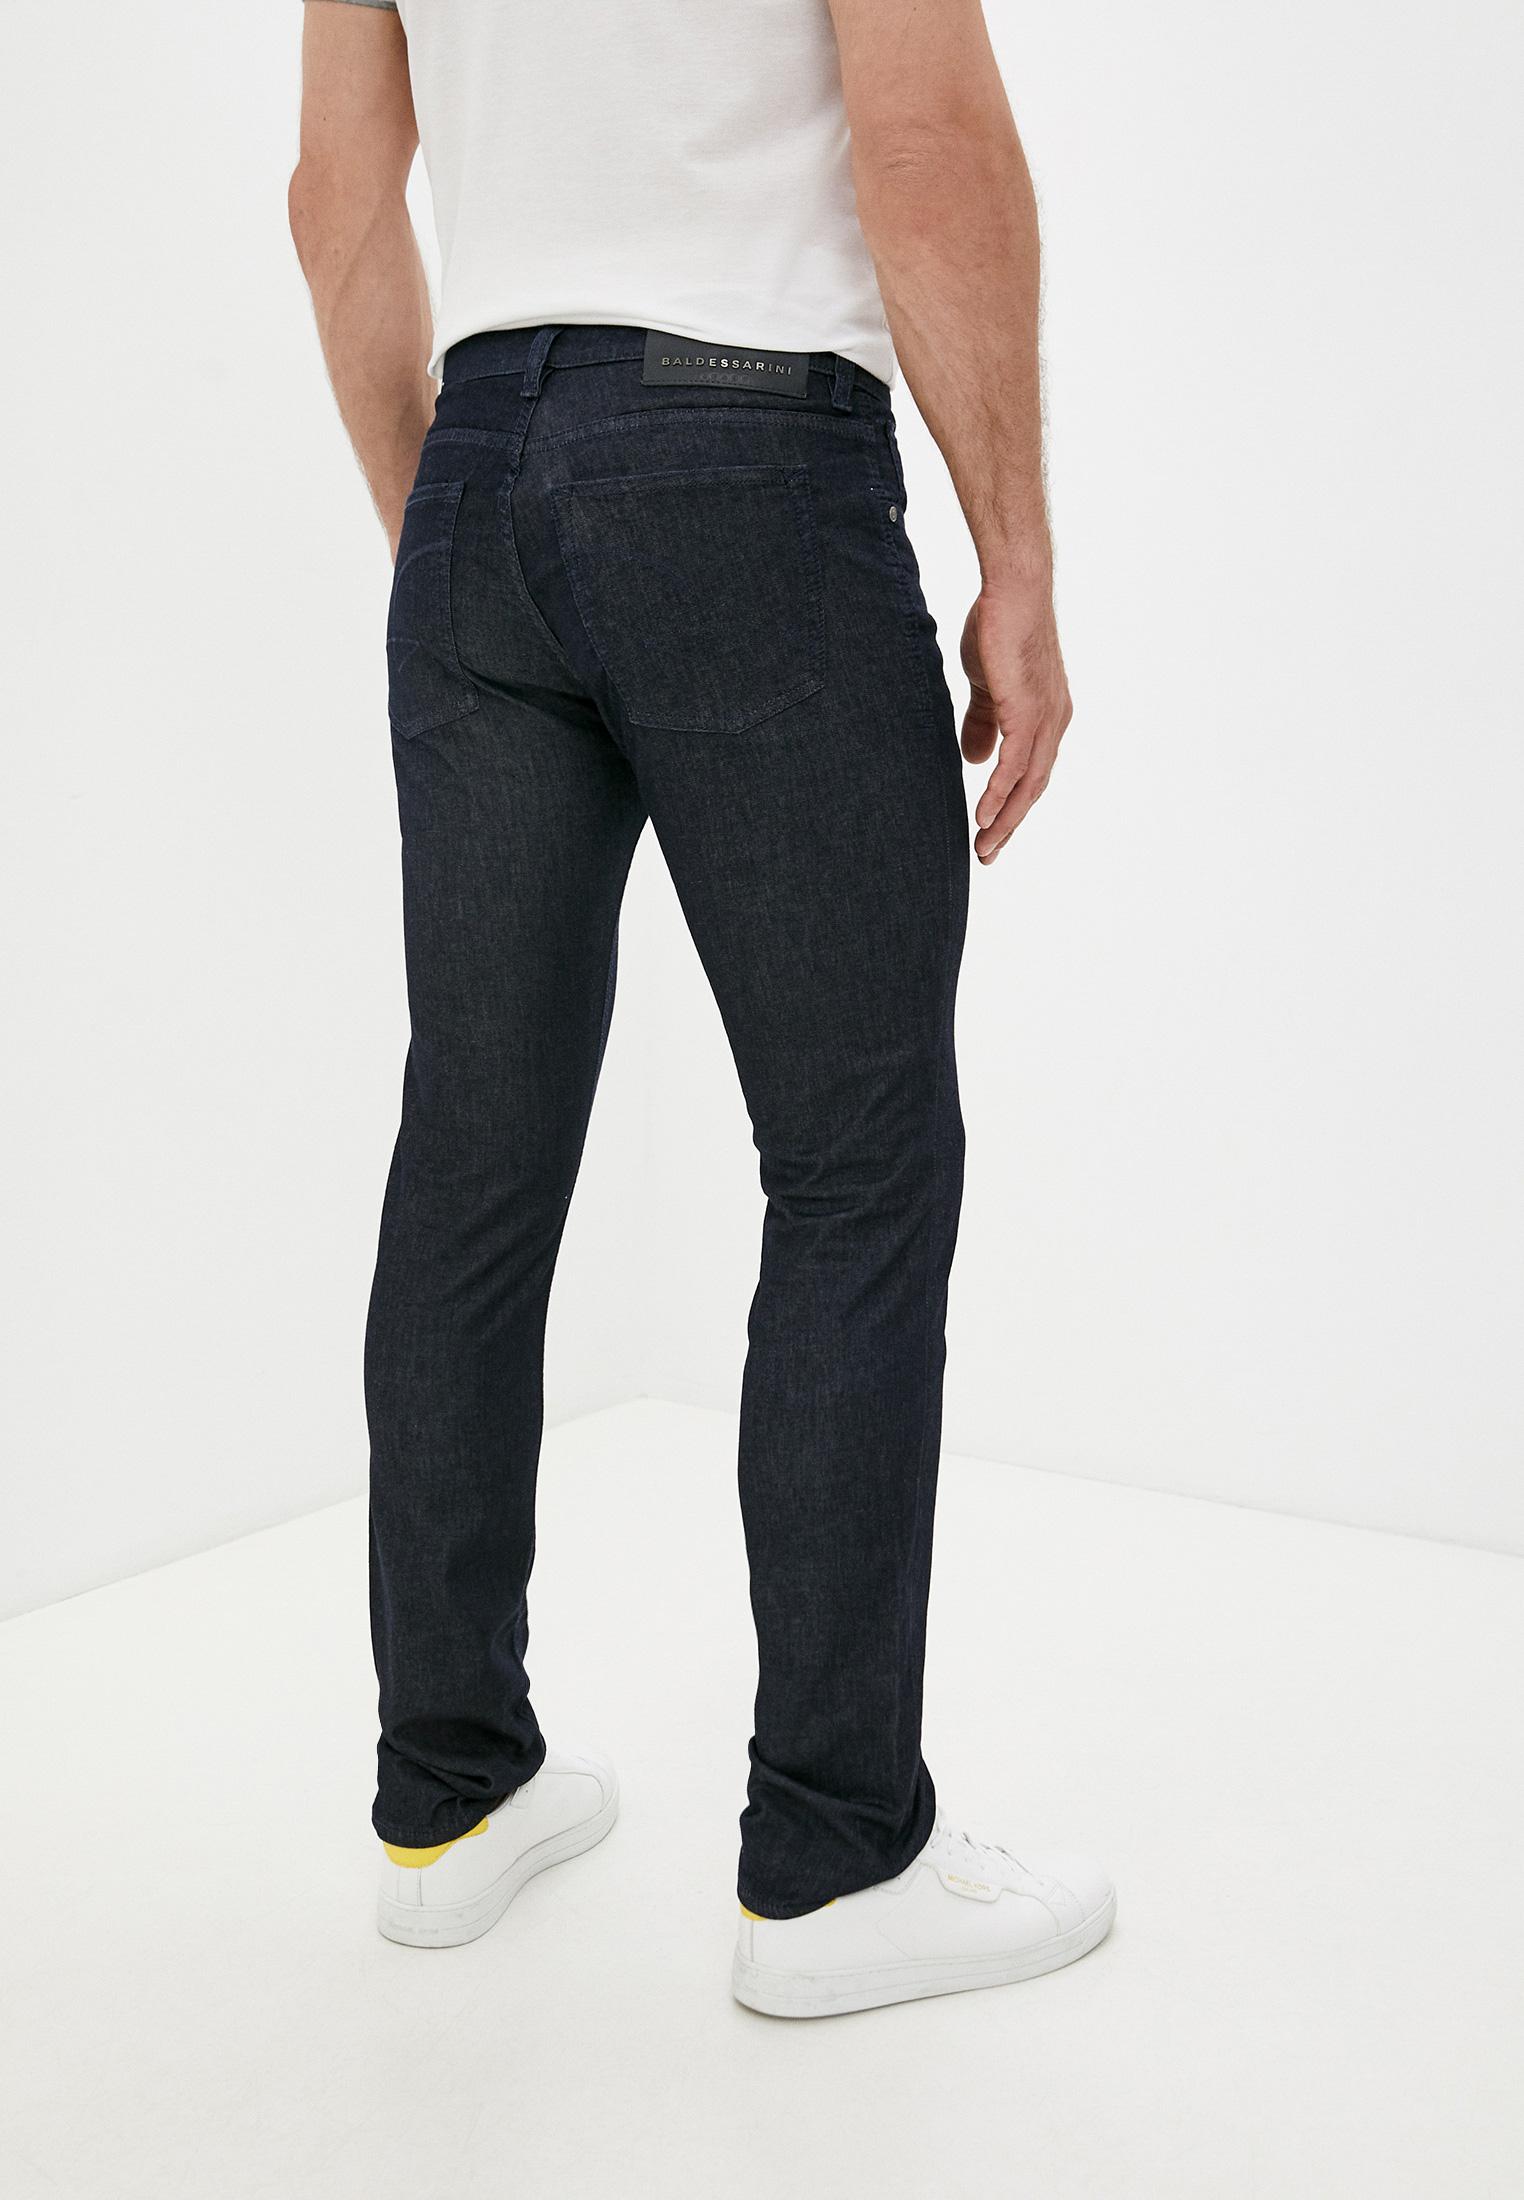 Зауженные джинсы BALDESSARINI (Балдессарини) 16511.1439: изображение 4